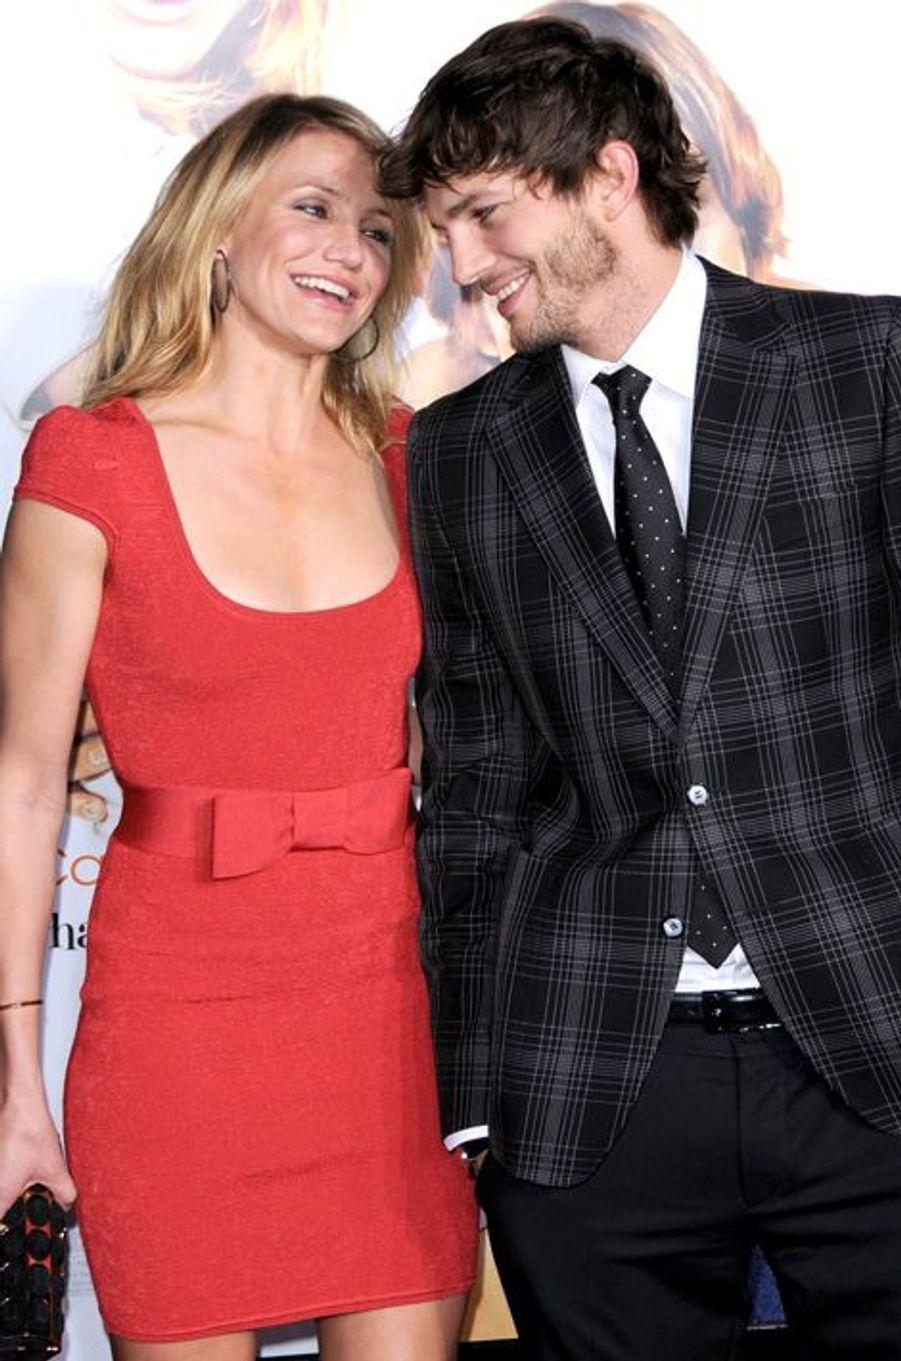 Stars incontournables du divertissement made in Hollywood, Cameron Diaz et Ashton Kutcher ont partagé l'affiche de «Jackpot» en 2008 avant de se retrouver dans la comédie musicale «Annie», sortie cette année sur grand écran.